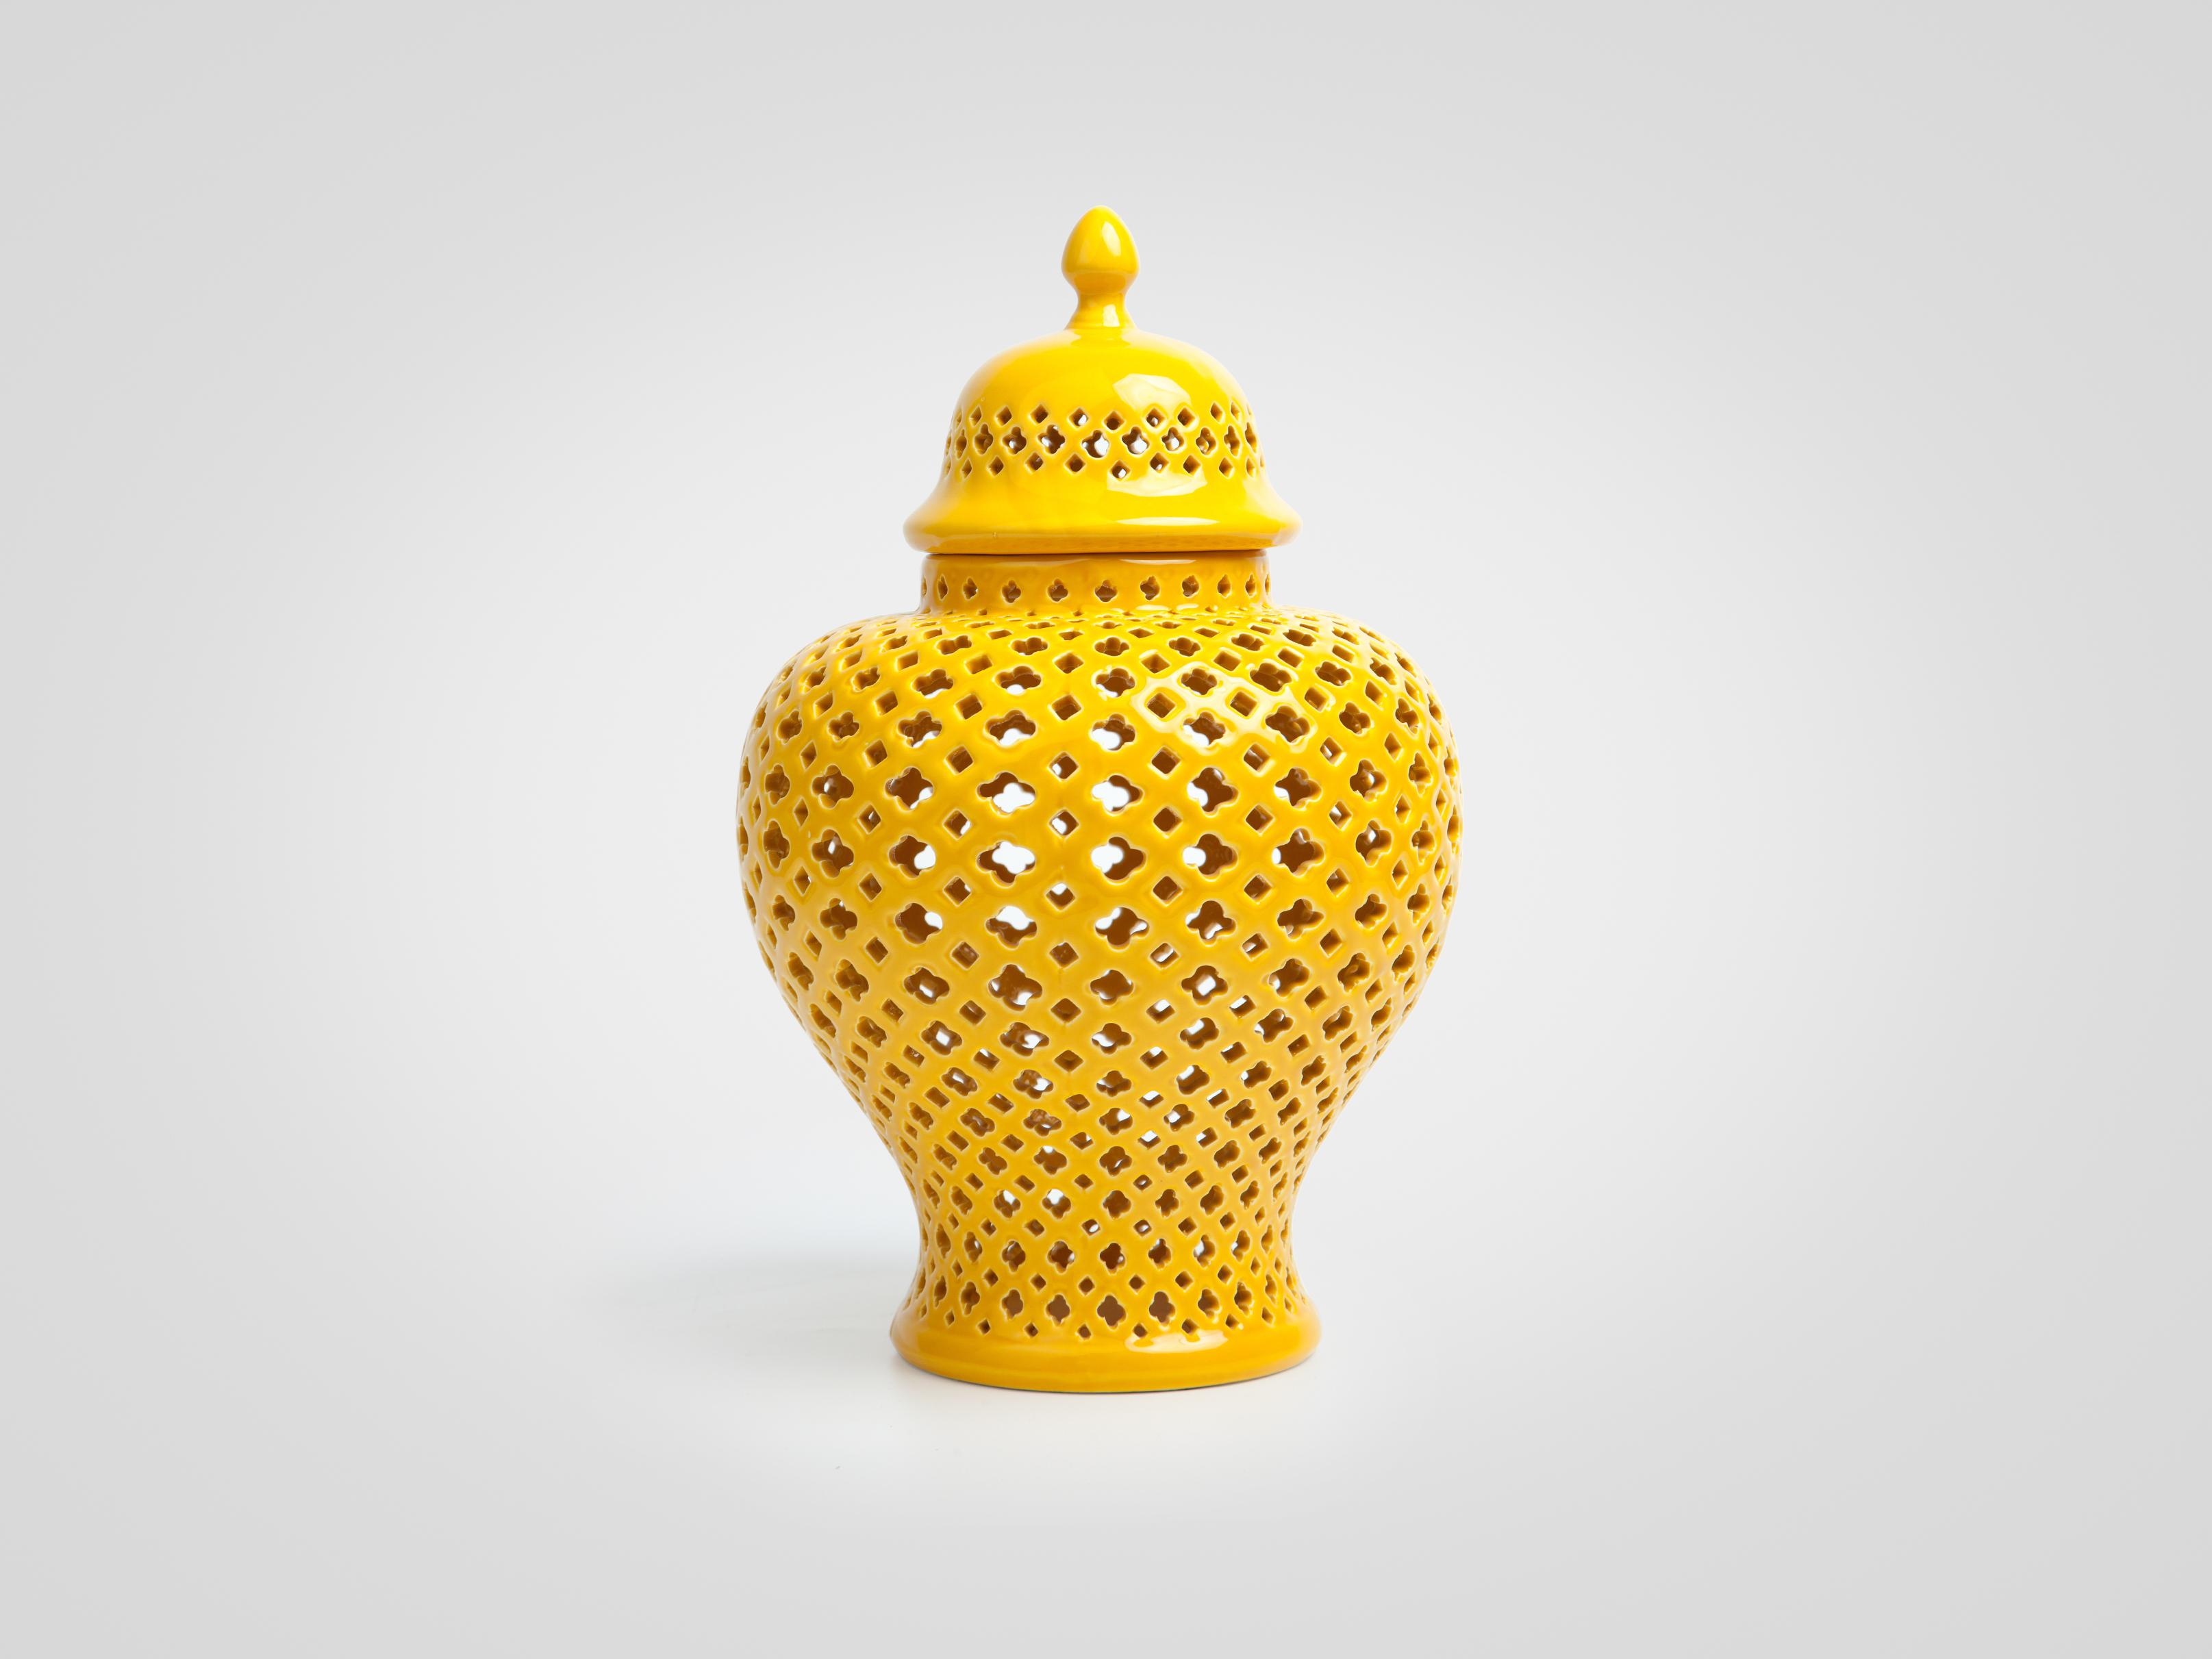 Купить Кувшин декоративный с крышкой, inmyroom, Китай